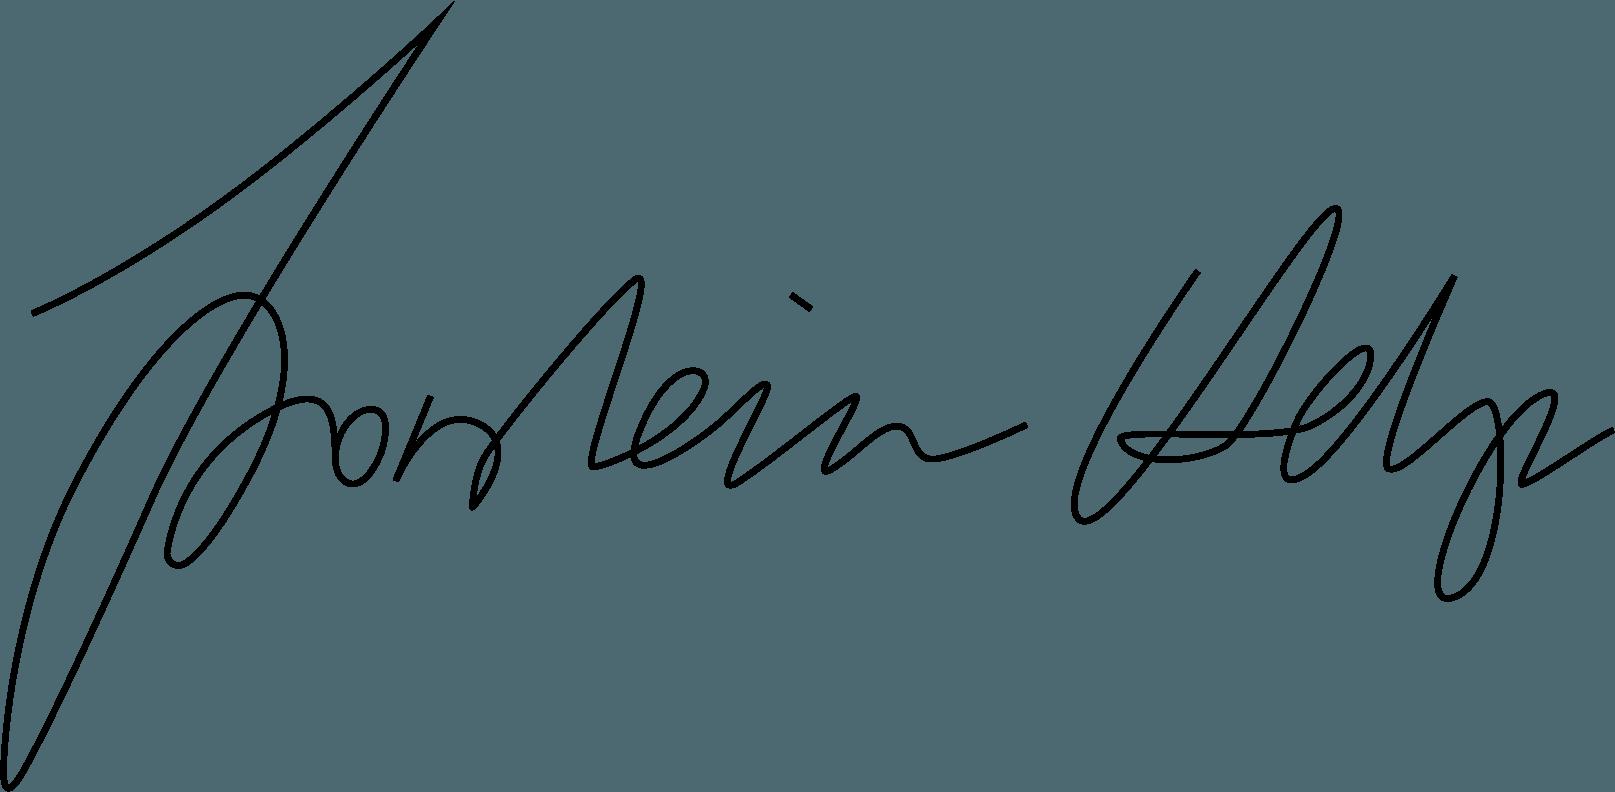 Þorsteinn Helgason